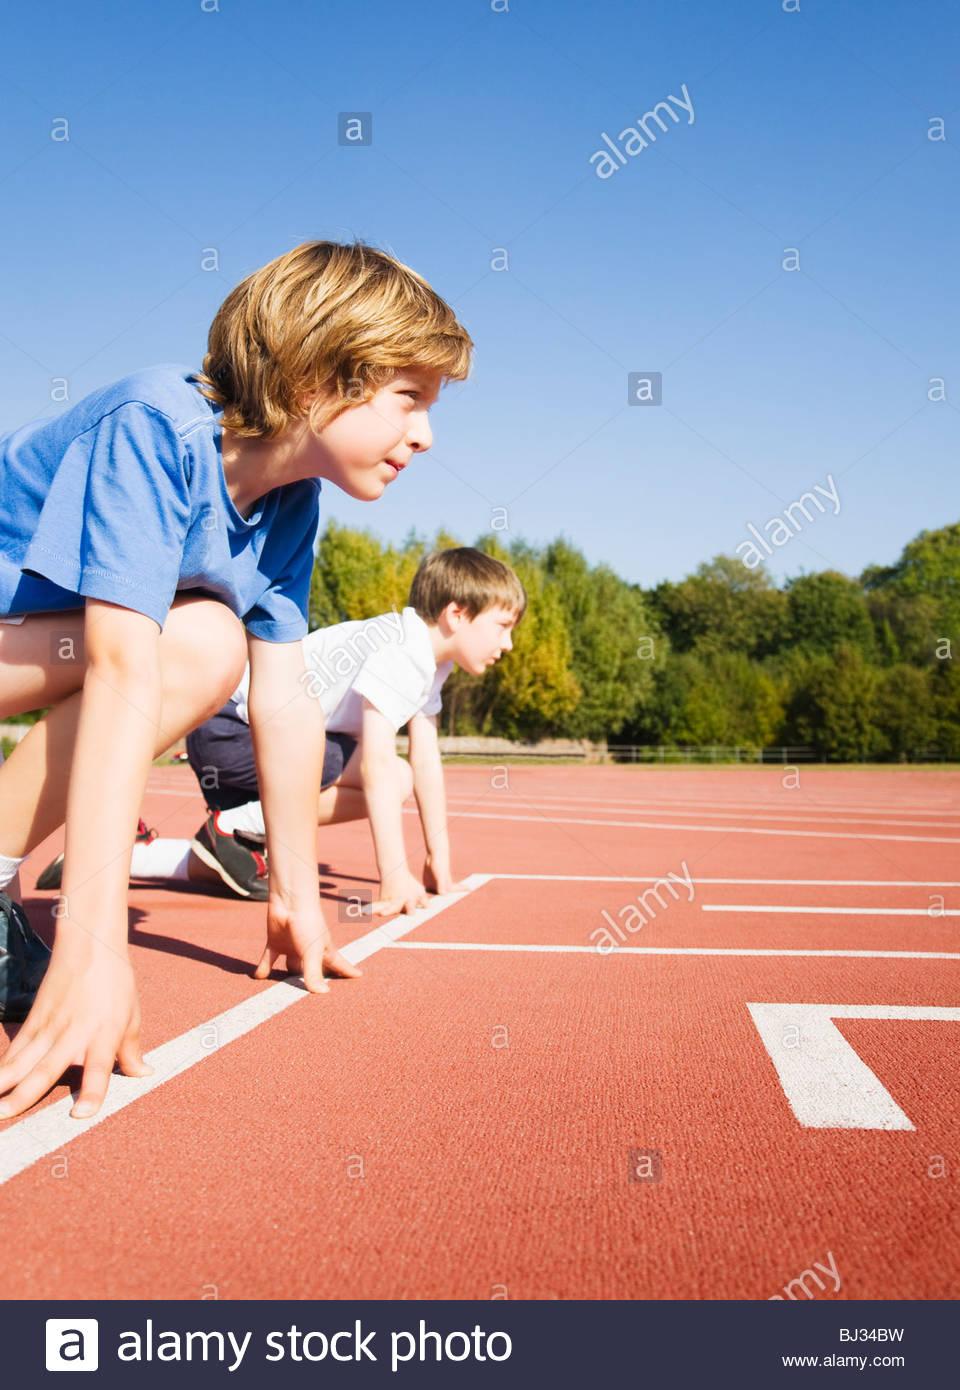 Ragazzi a Race Track posizione di avviamento Immagini Stock